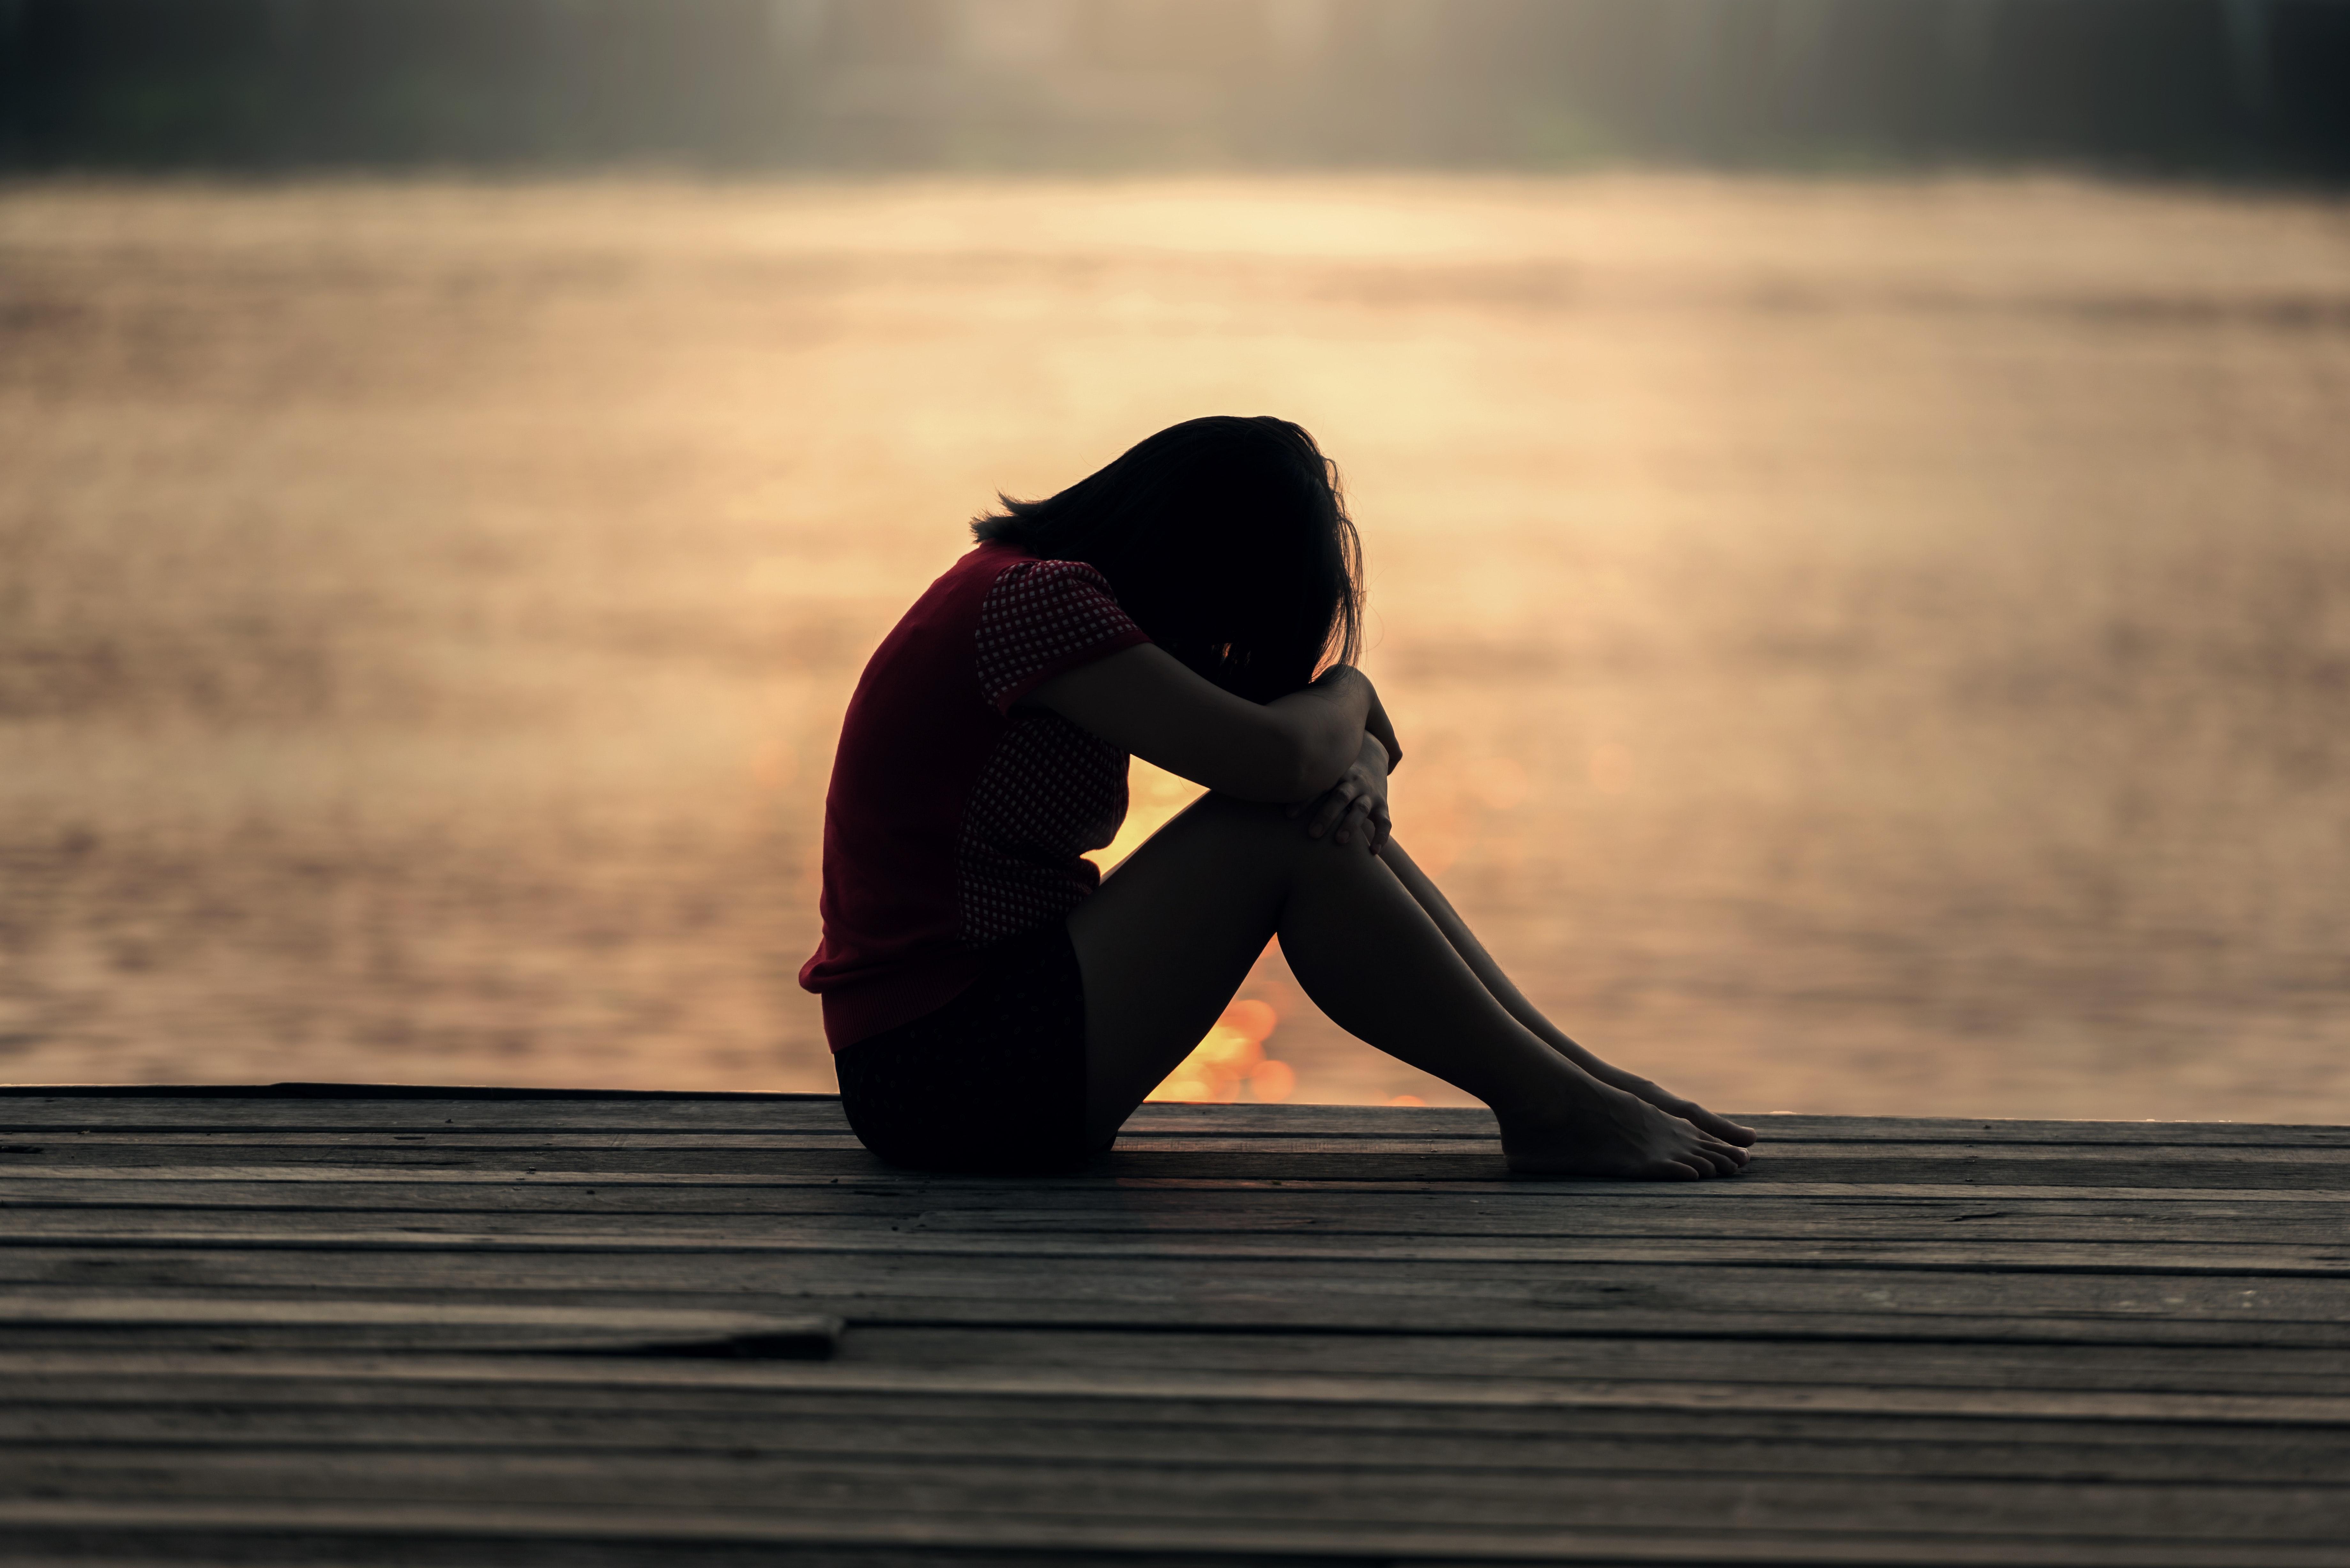 失恋から立ち直るにはどうすればいい?